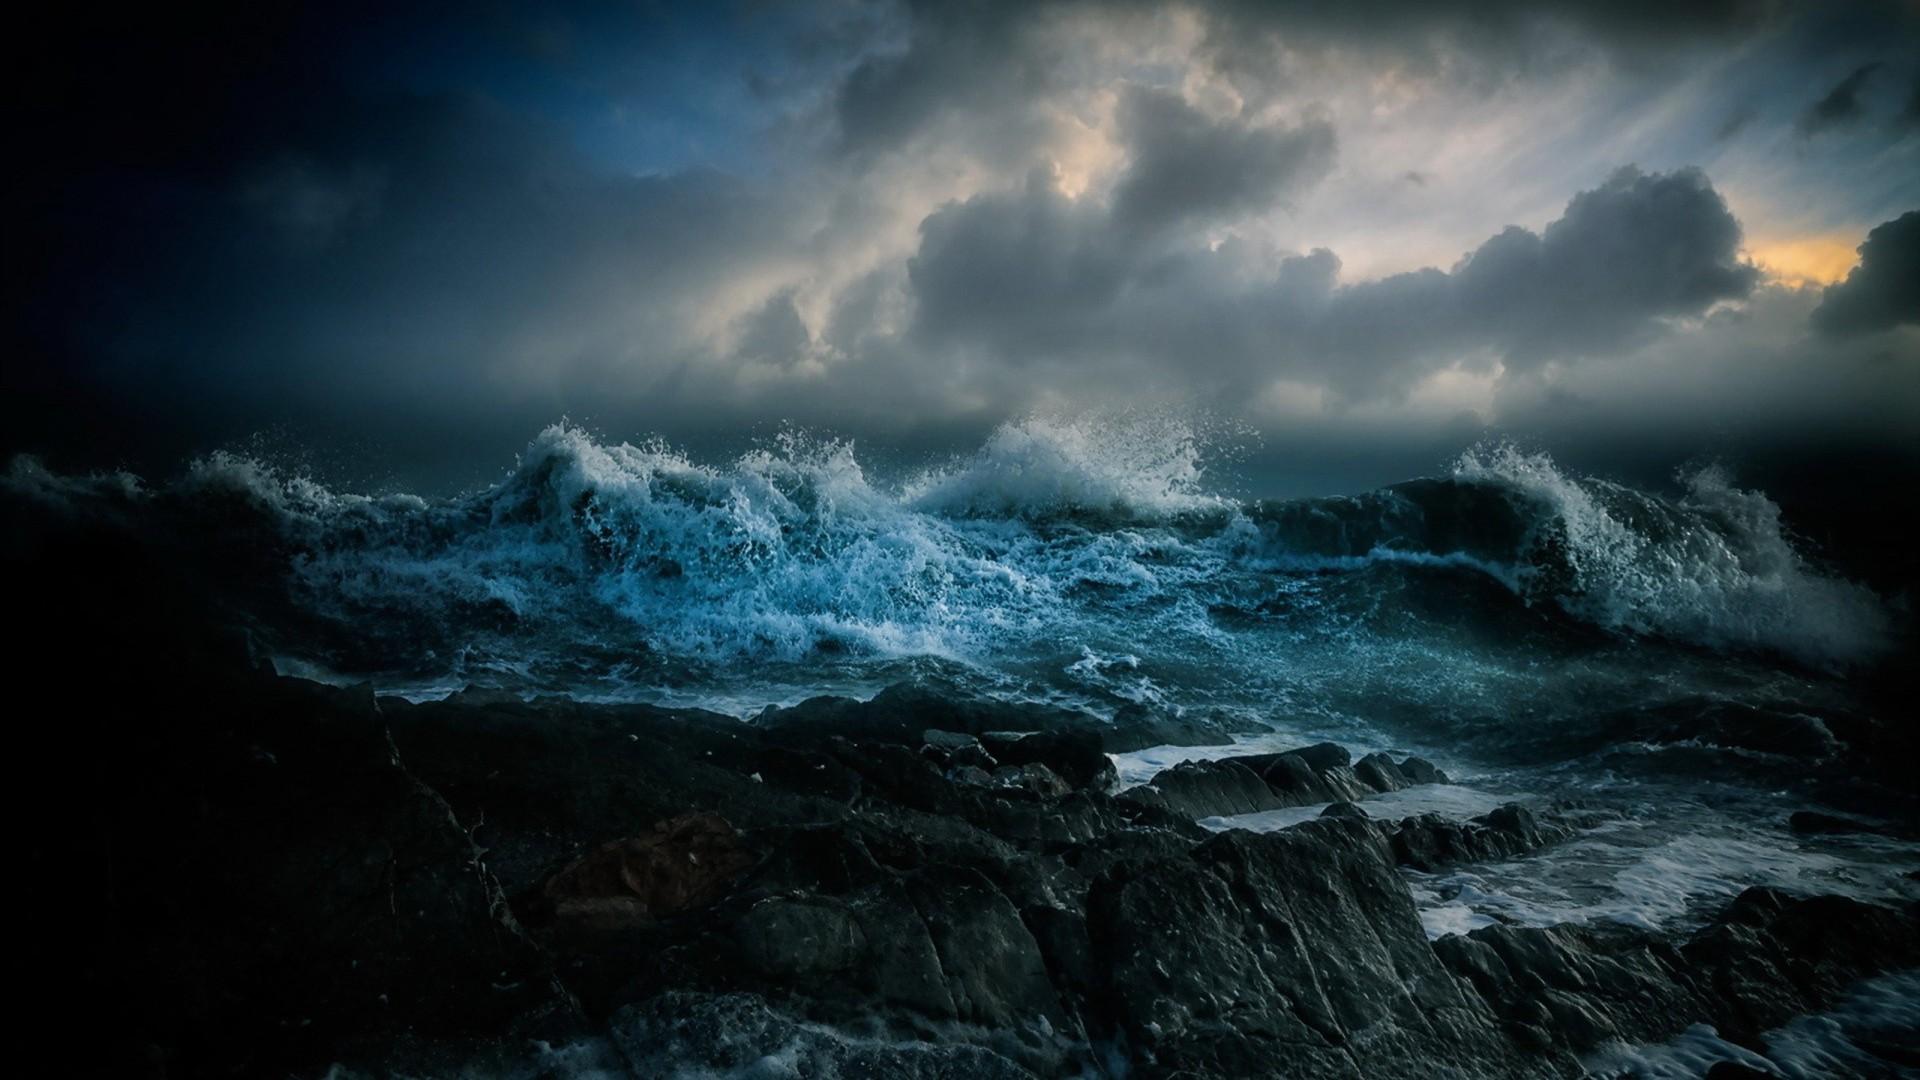 Stormy Ocean Wallpaper 37 Modern Stormy Ocean 1920x1080